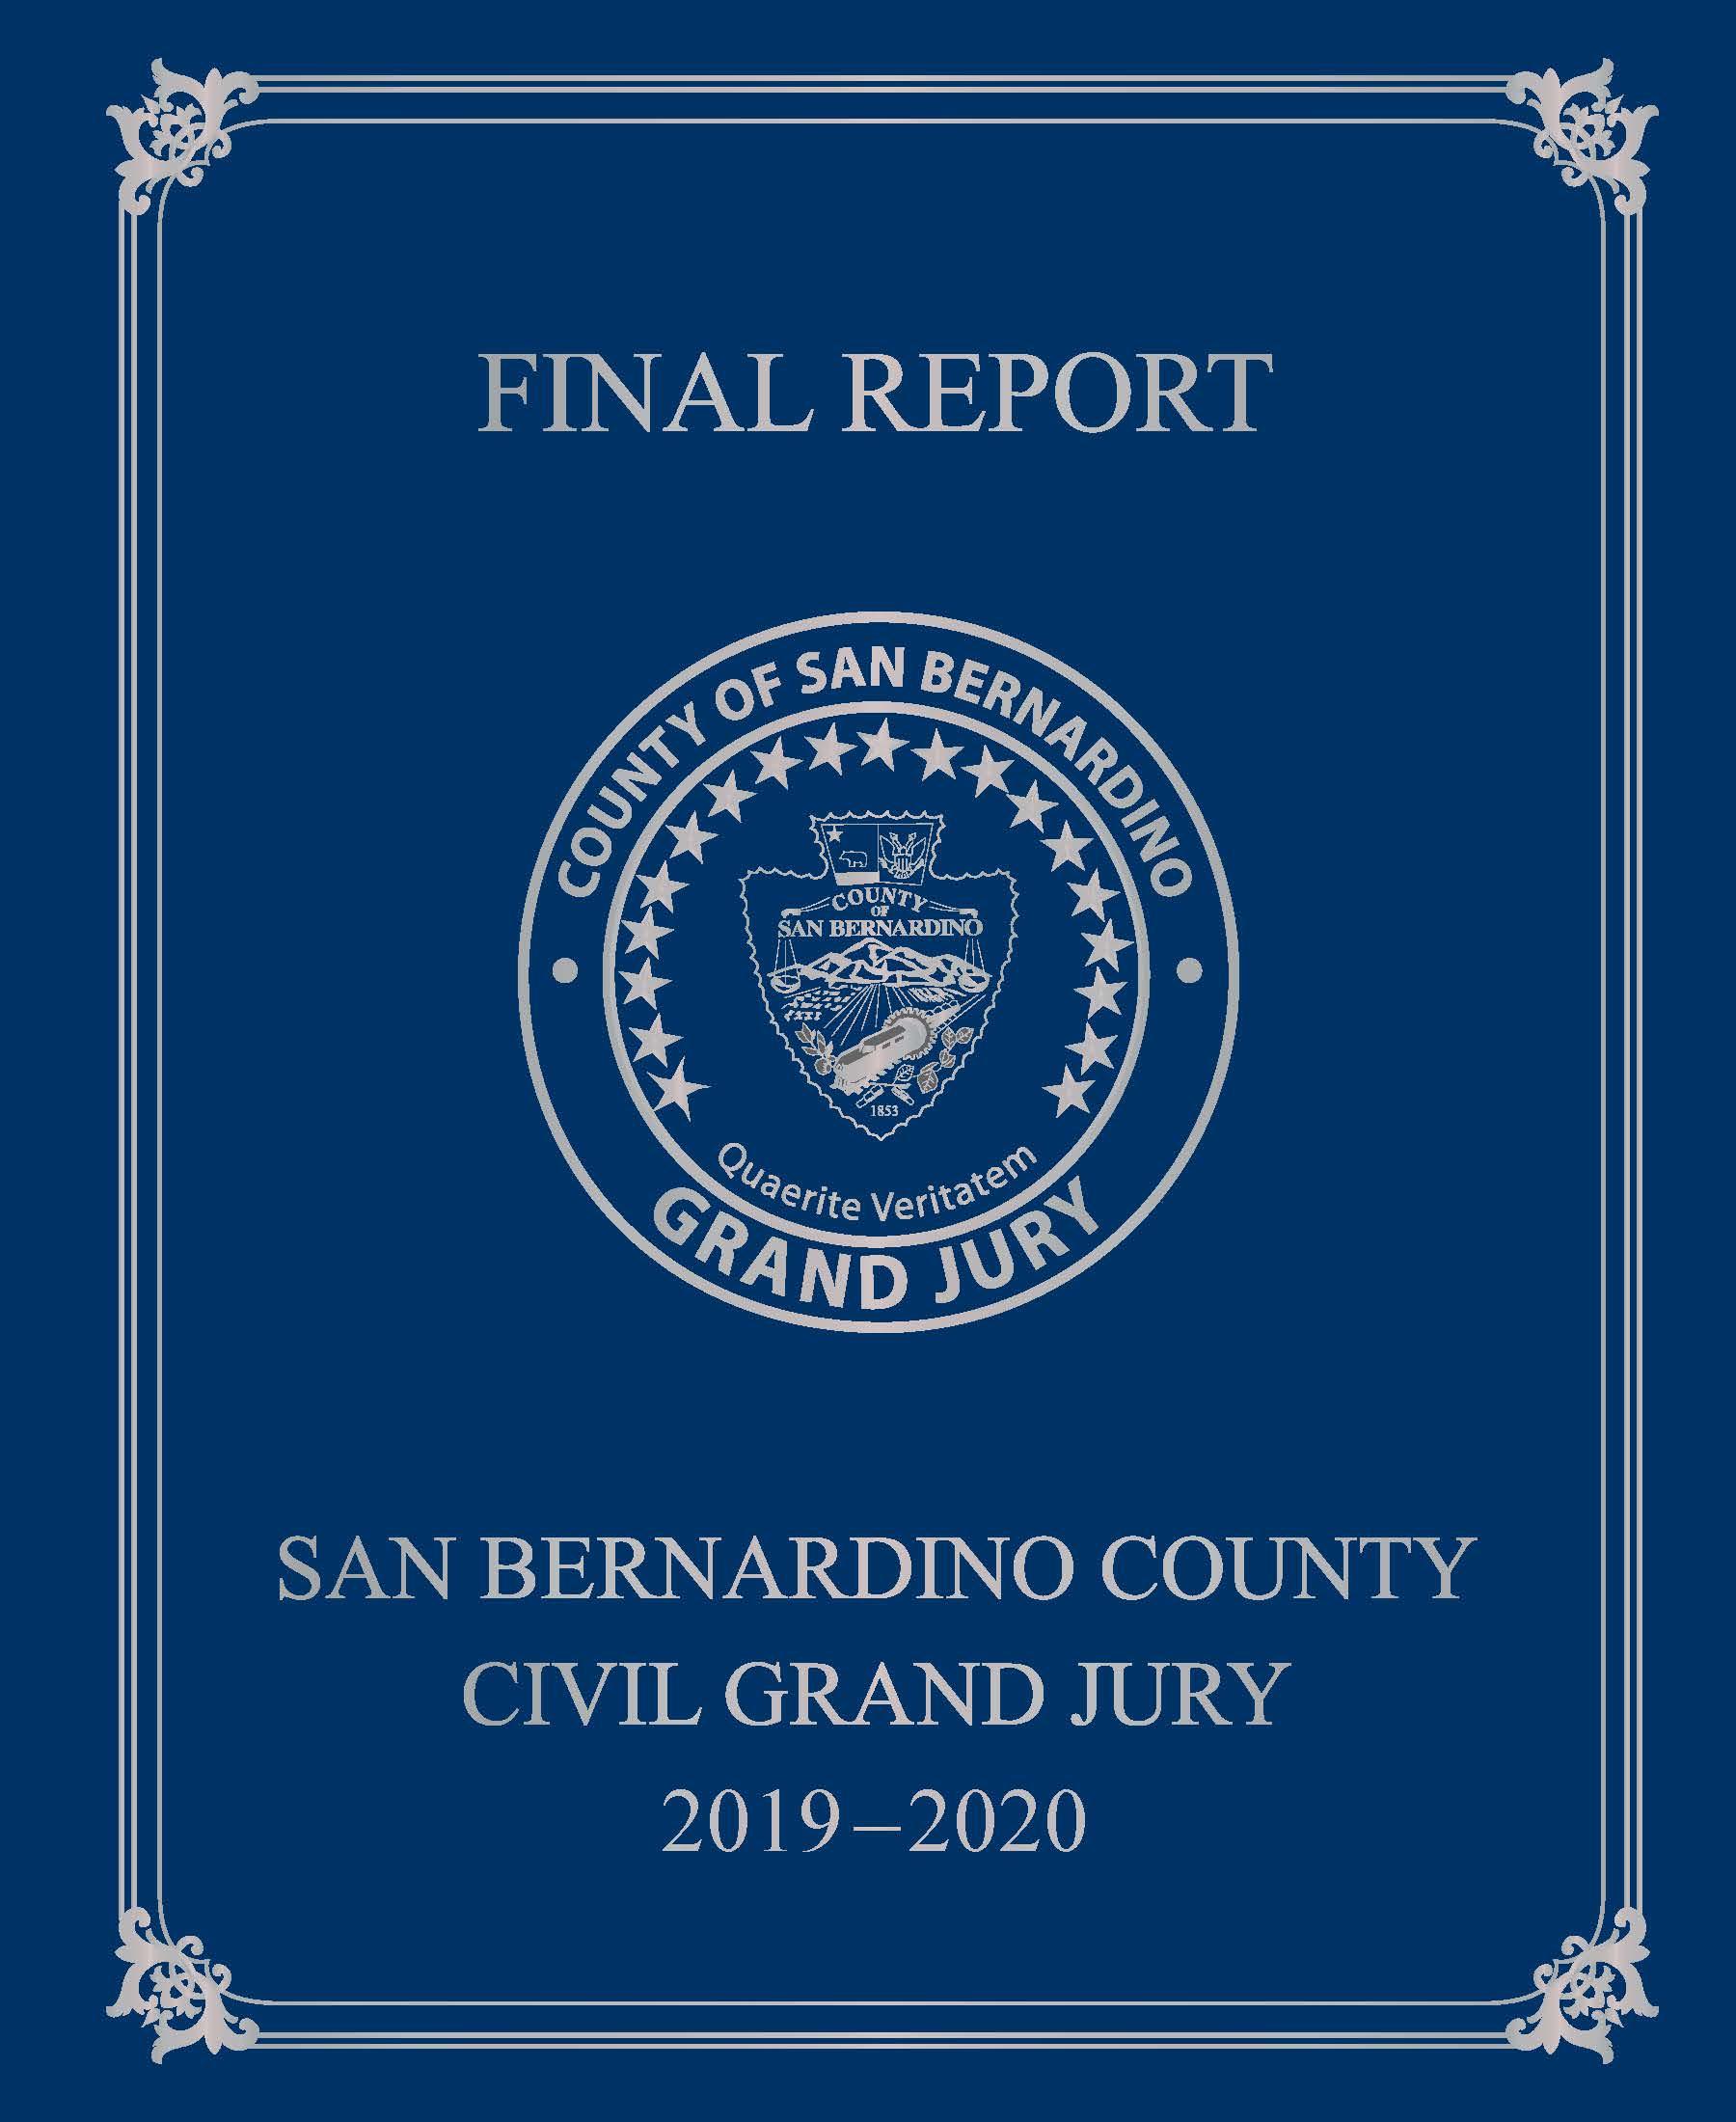 Grand Jury Report 2016/2017 Full Report Cover